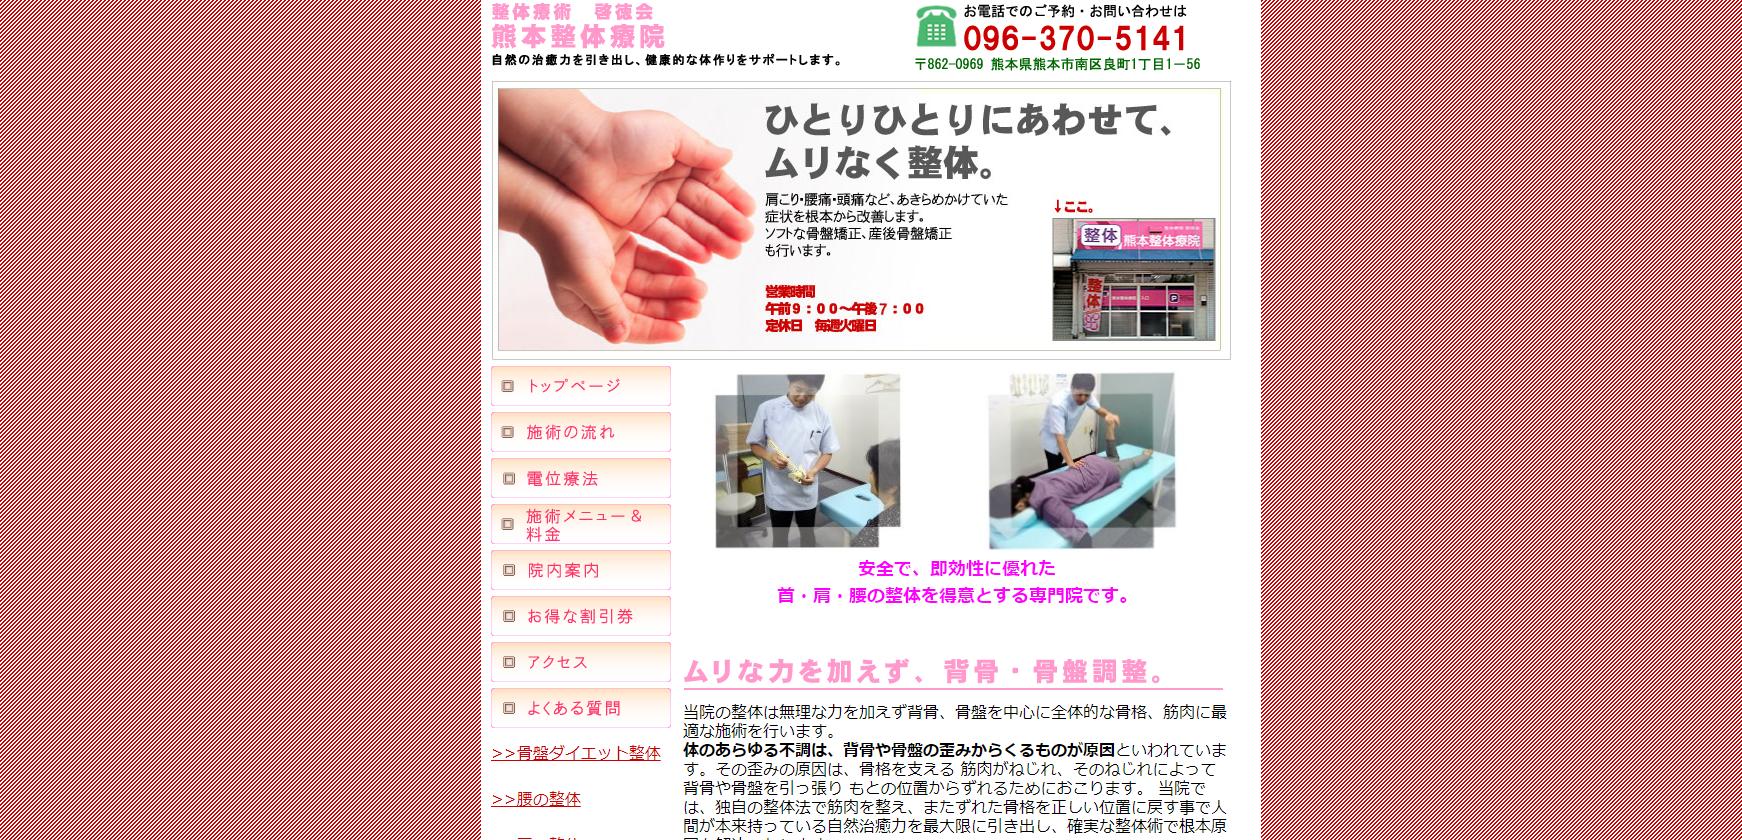 熊本整療院のサムネイル